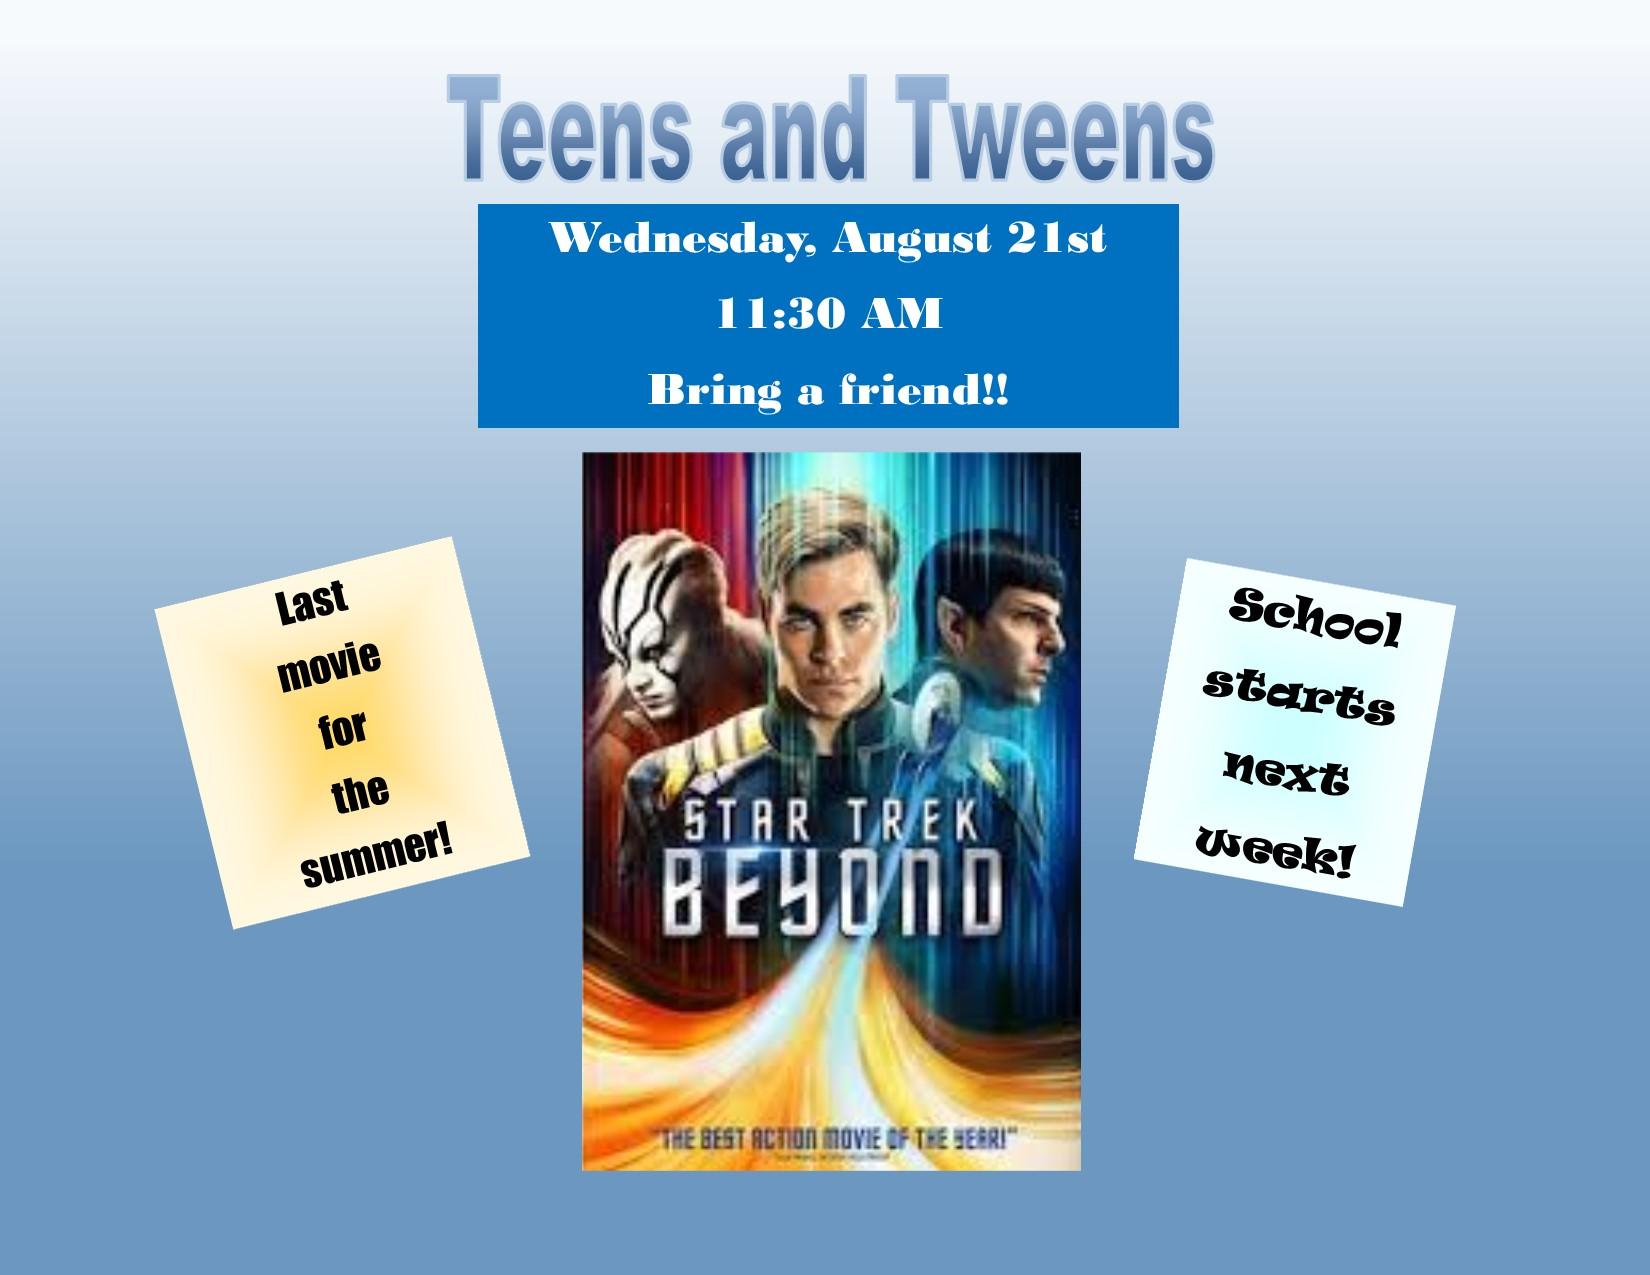 Teen Summer Reading Program-Movie